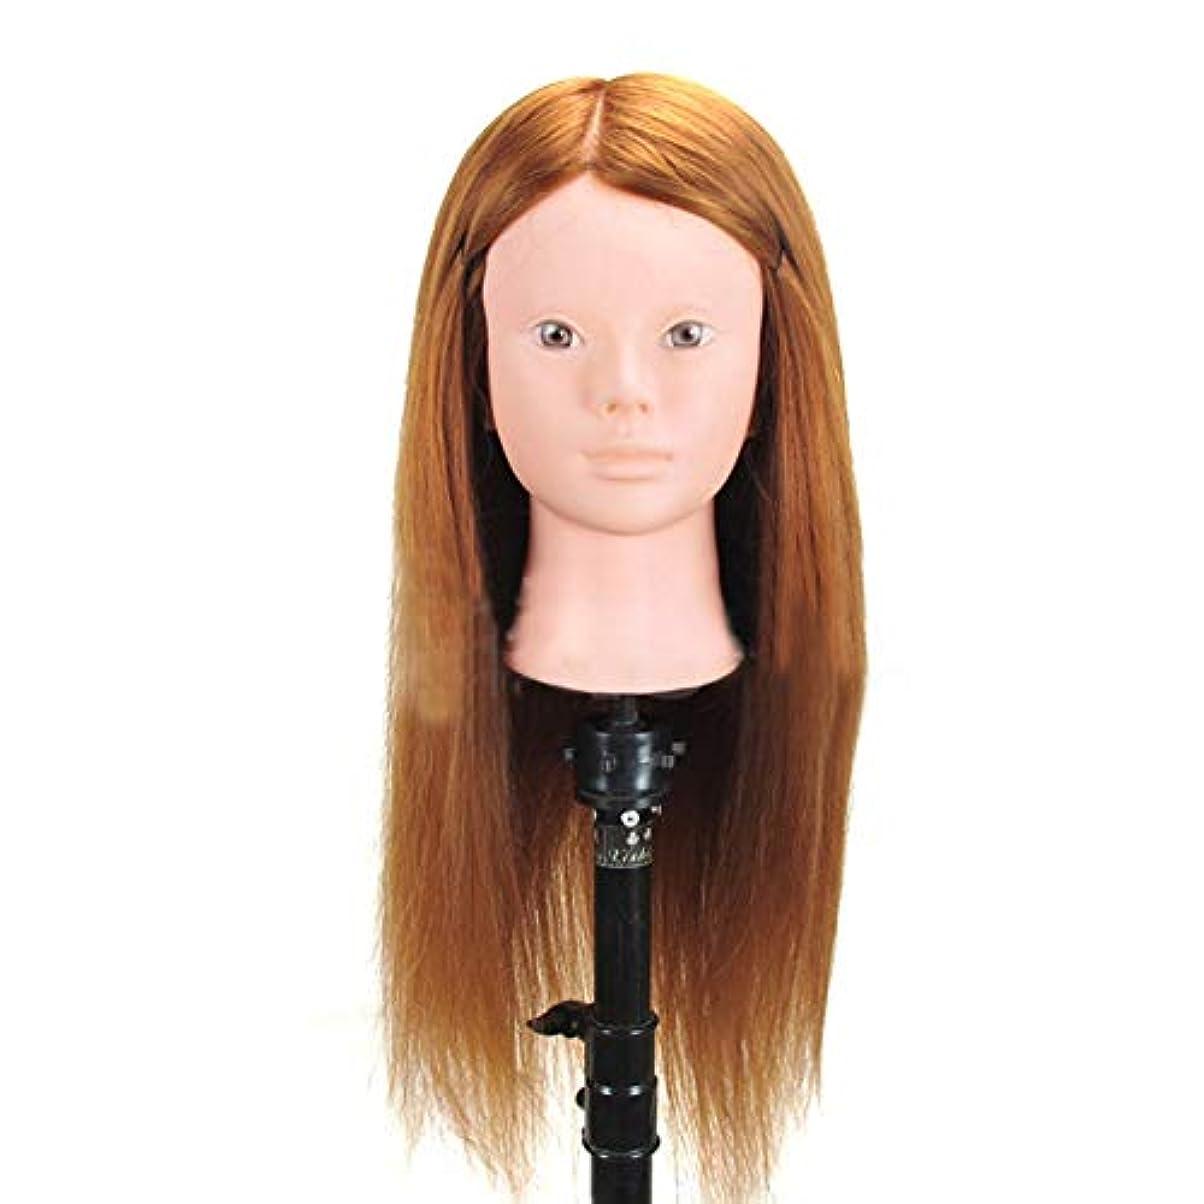 受信仲人同等の高温シルクヘアマネキンヘッド編組ヘアヘアピンヘッドモデルサロンパーマ髪染め学習ダミーヘッド